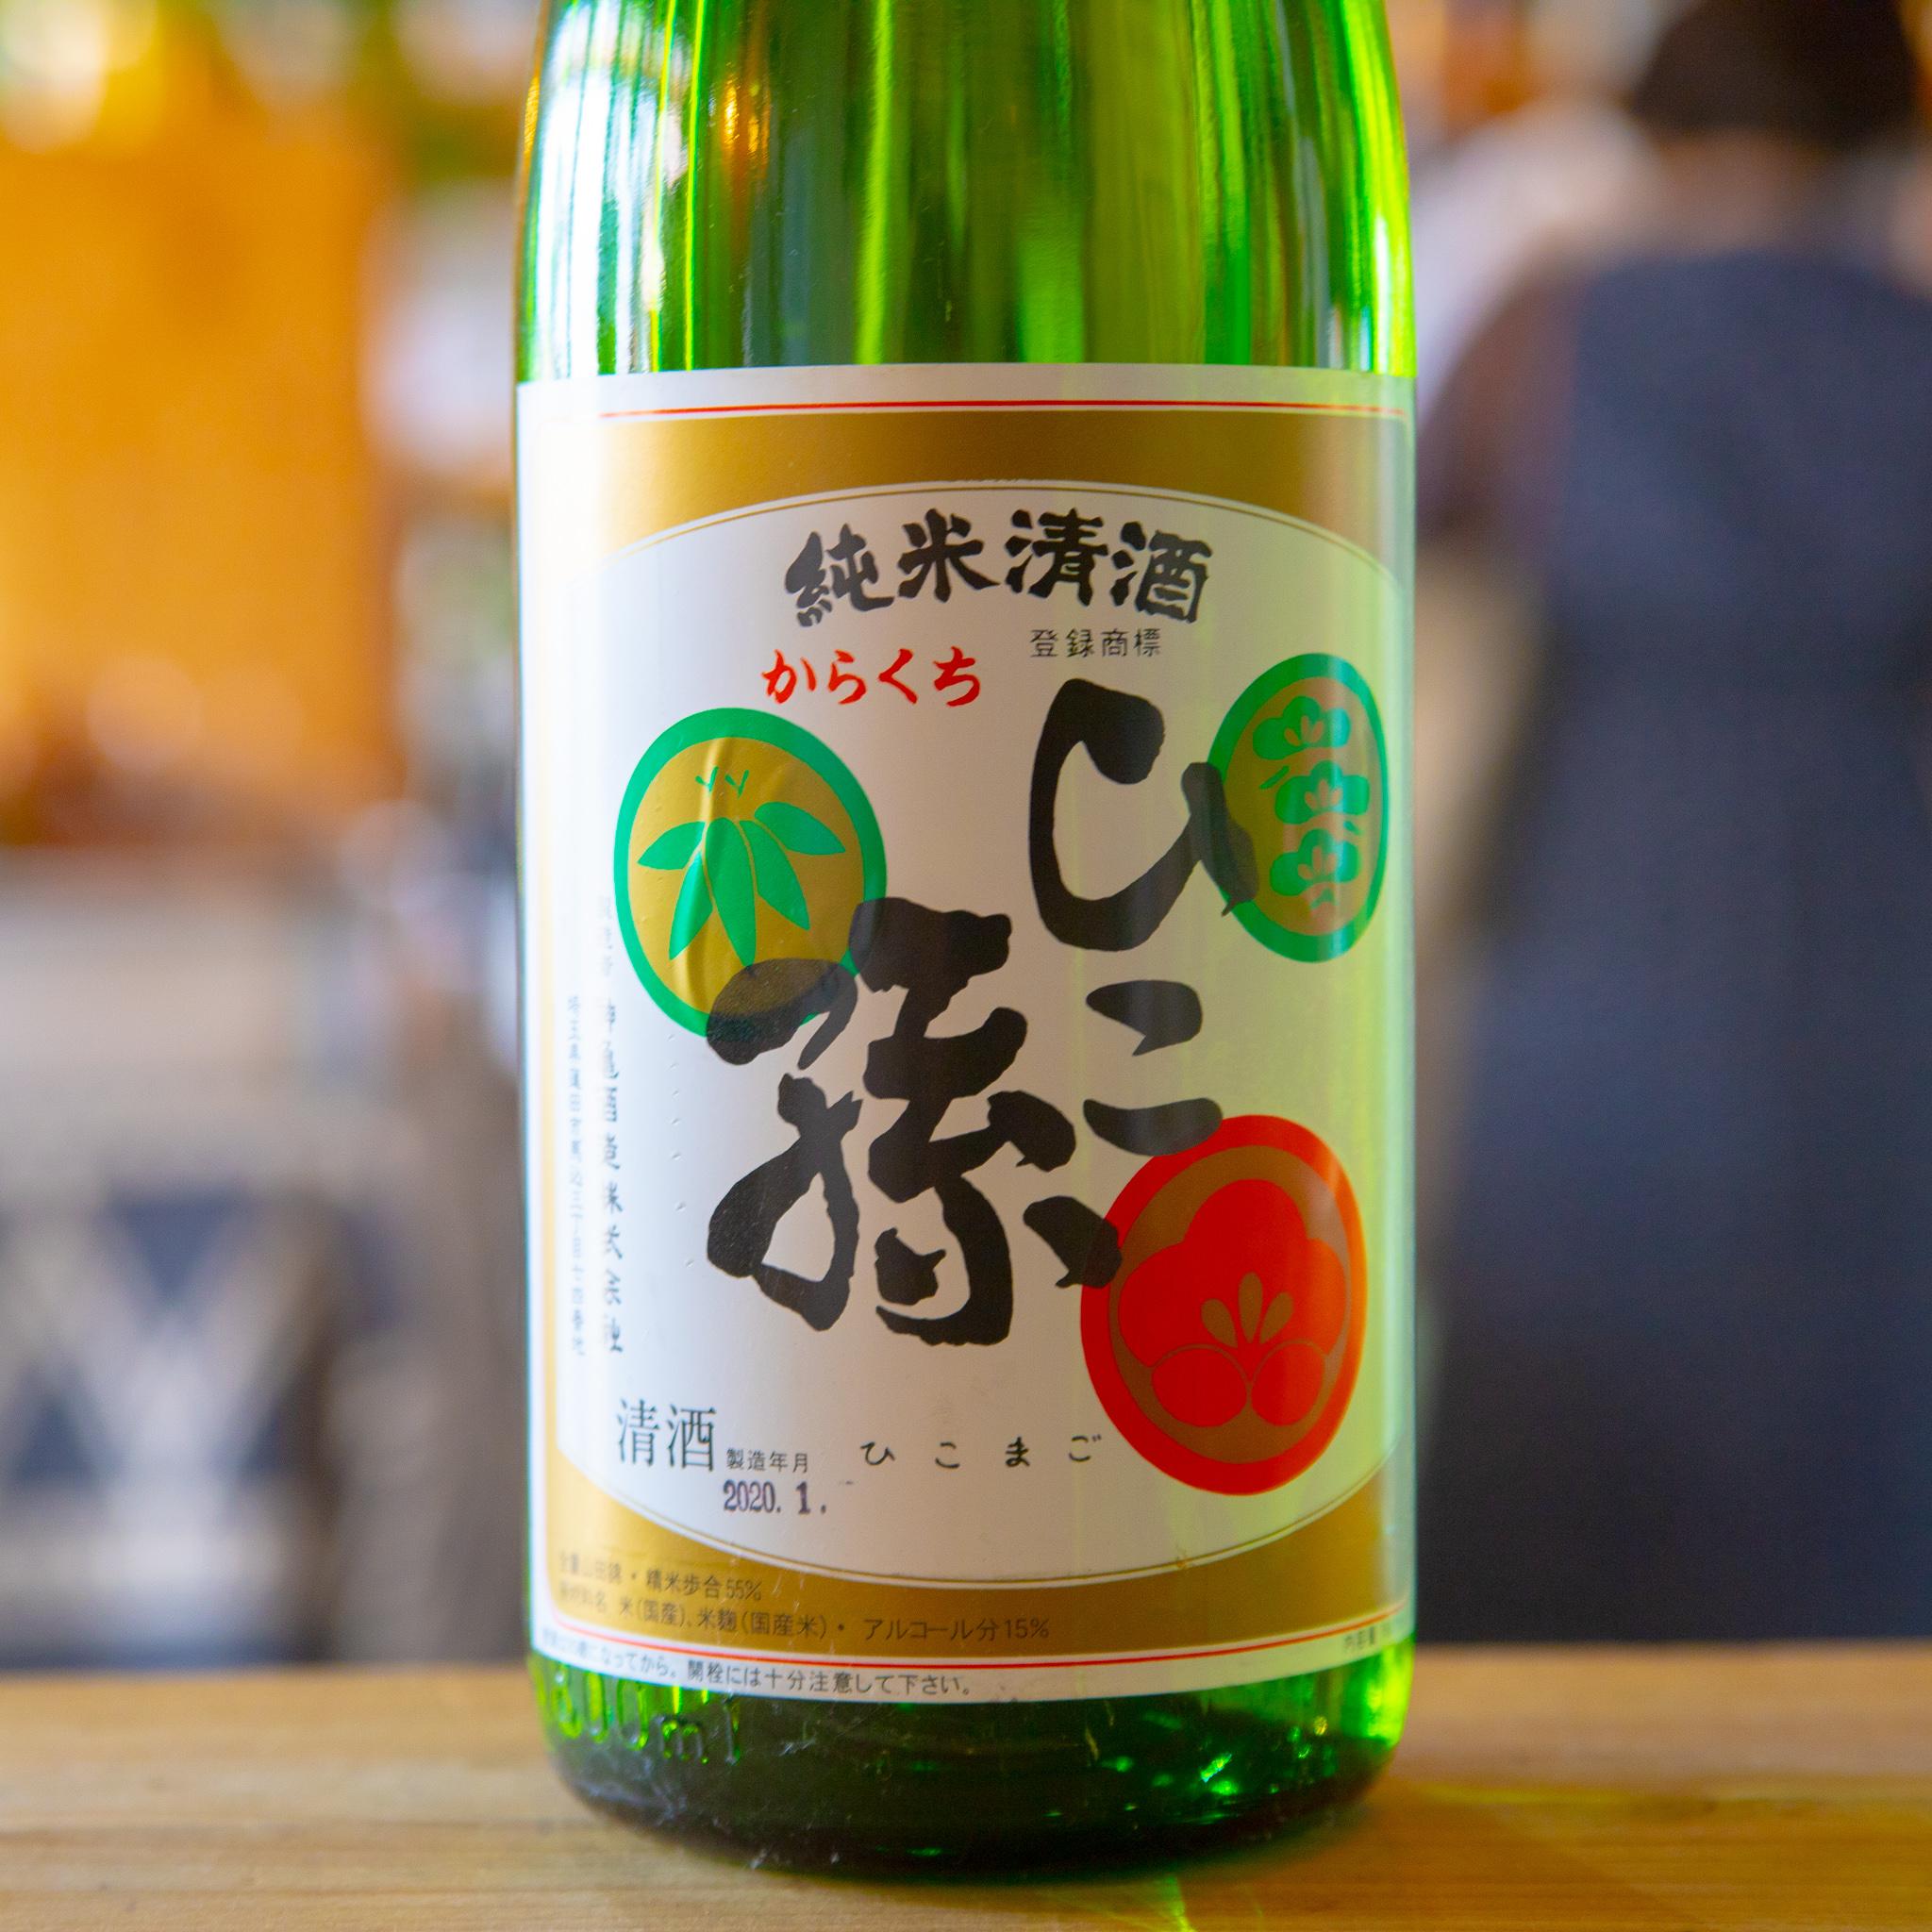 ひこ孫/神亀酒造(埼玉県蓮田市)